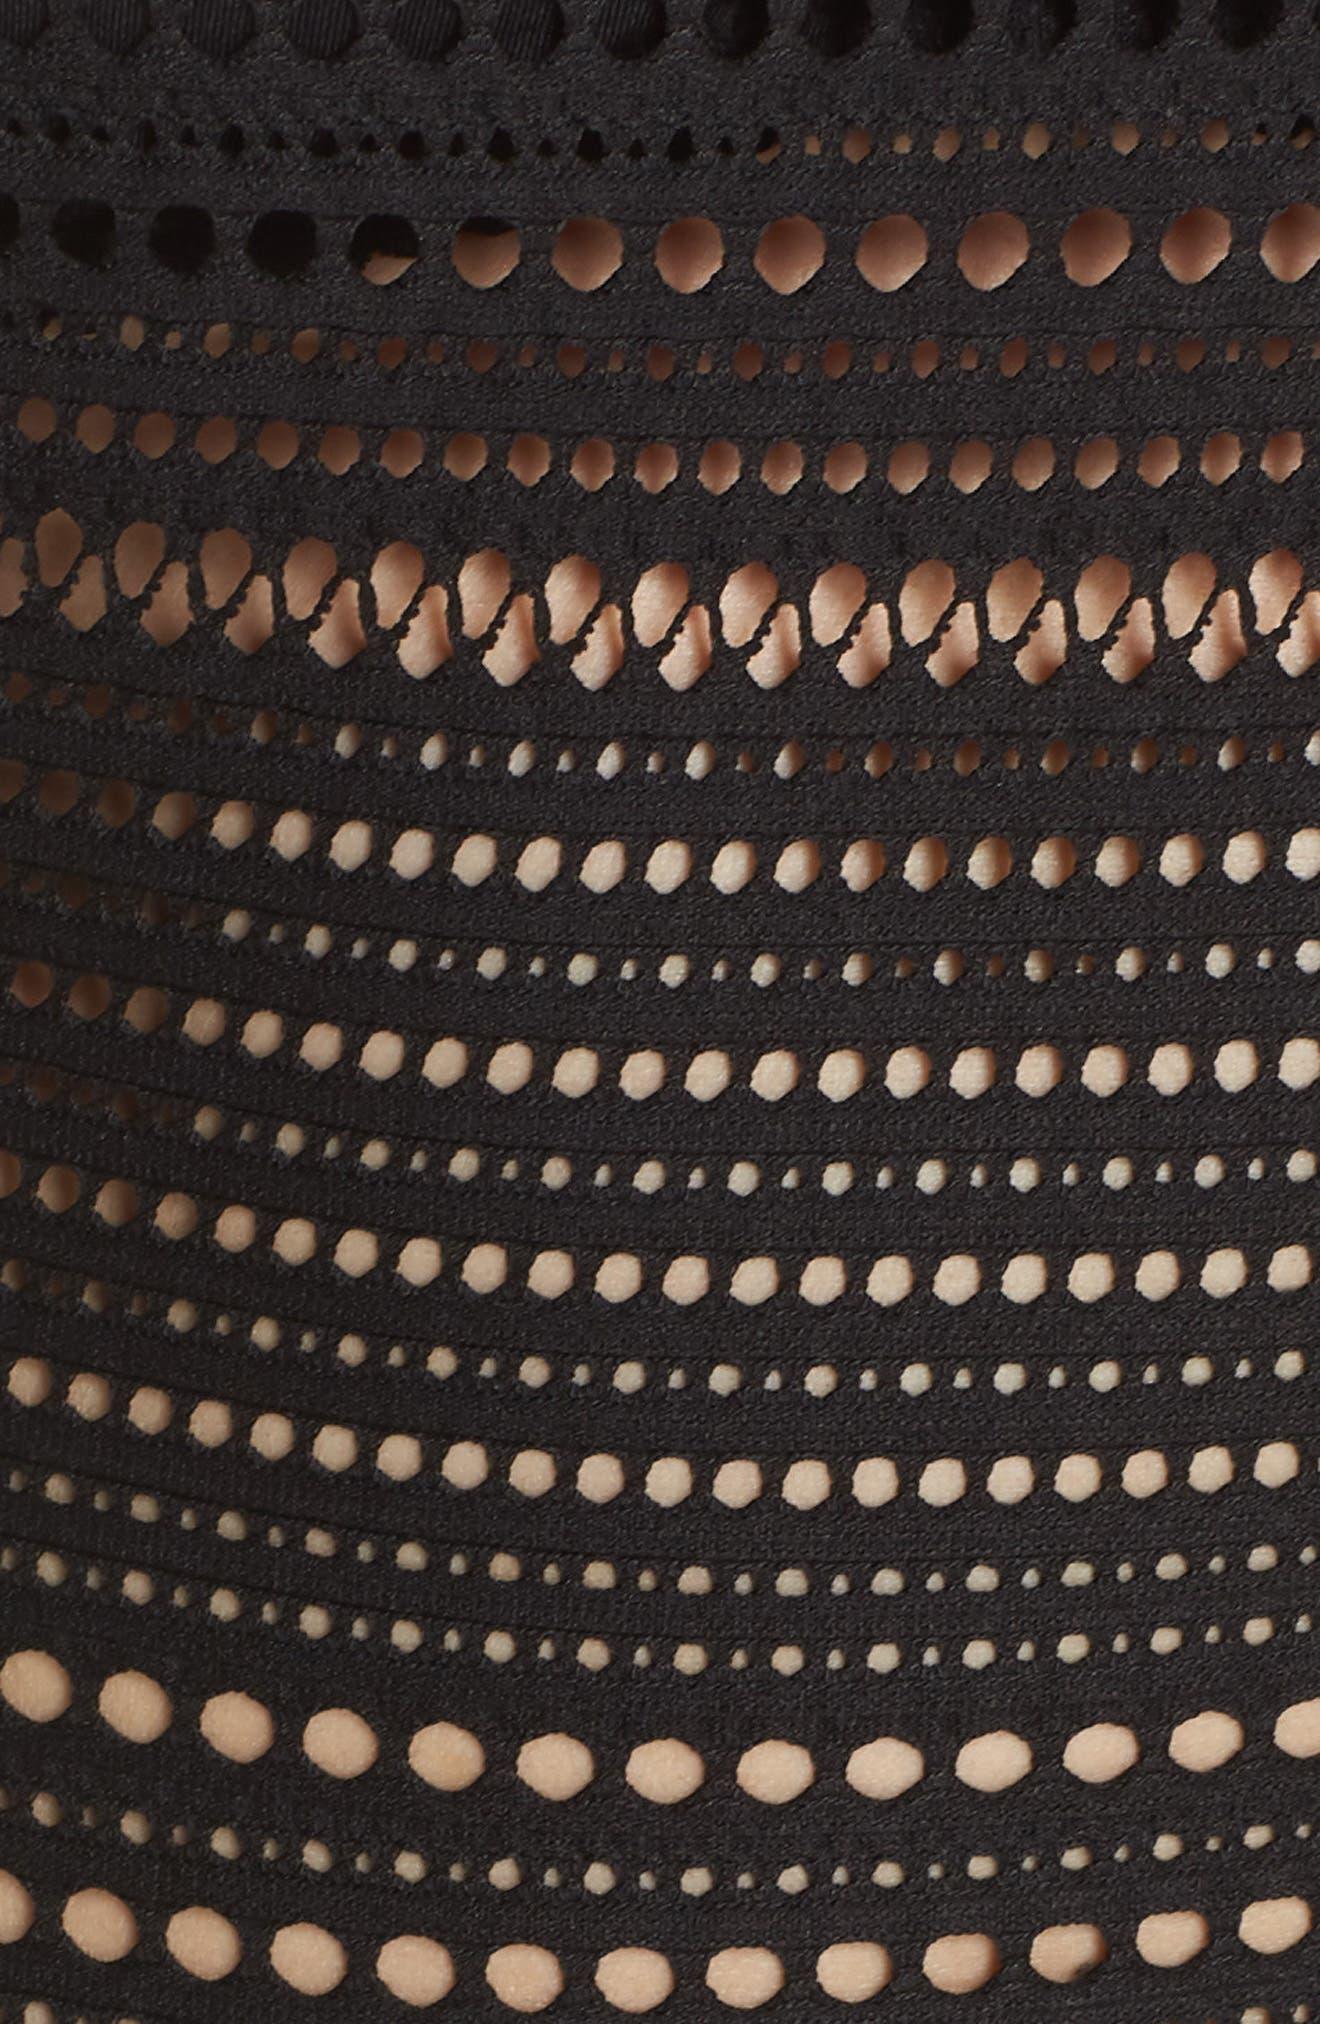 Perla Badeau One-Piece Swimsuit,                             Alternate thumbnail 5, color,                             001